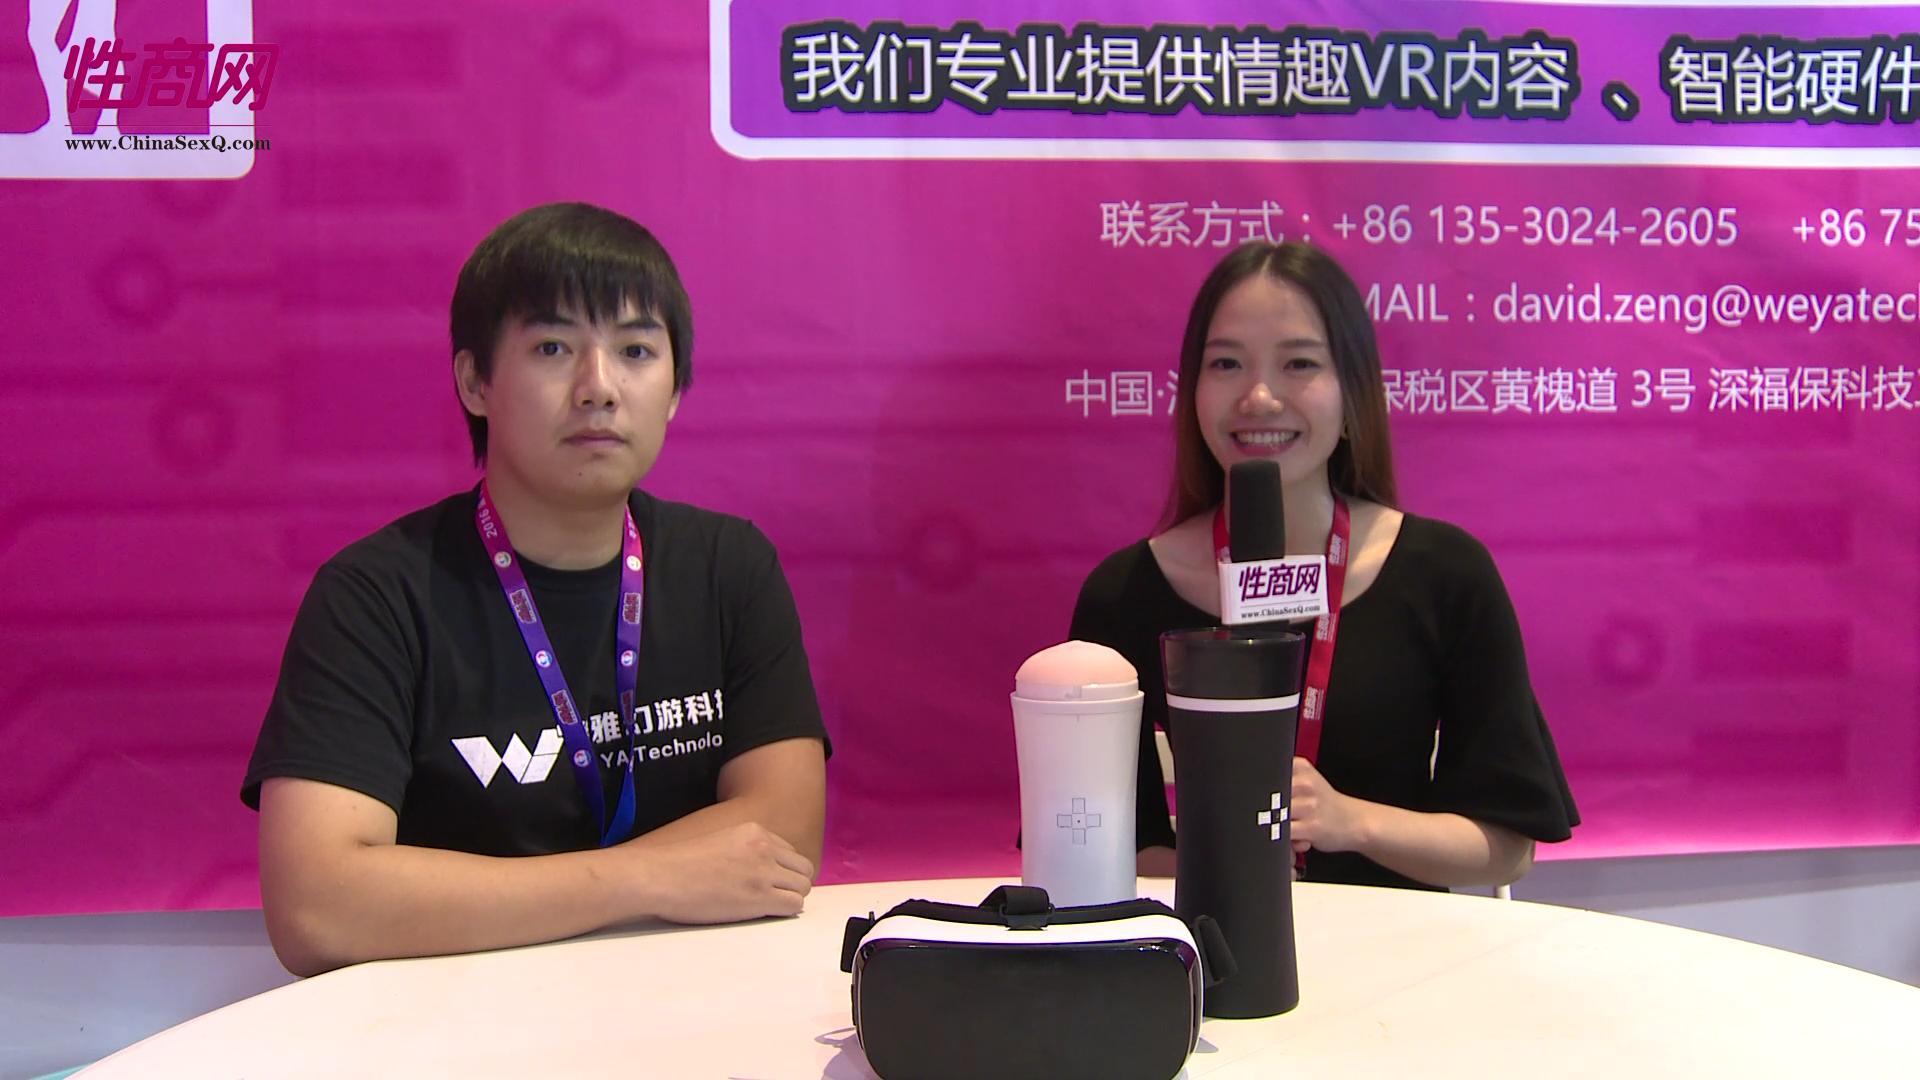 维雅幻游,成人用品VR应用开路先锋!